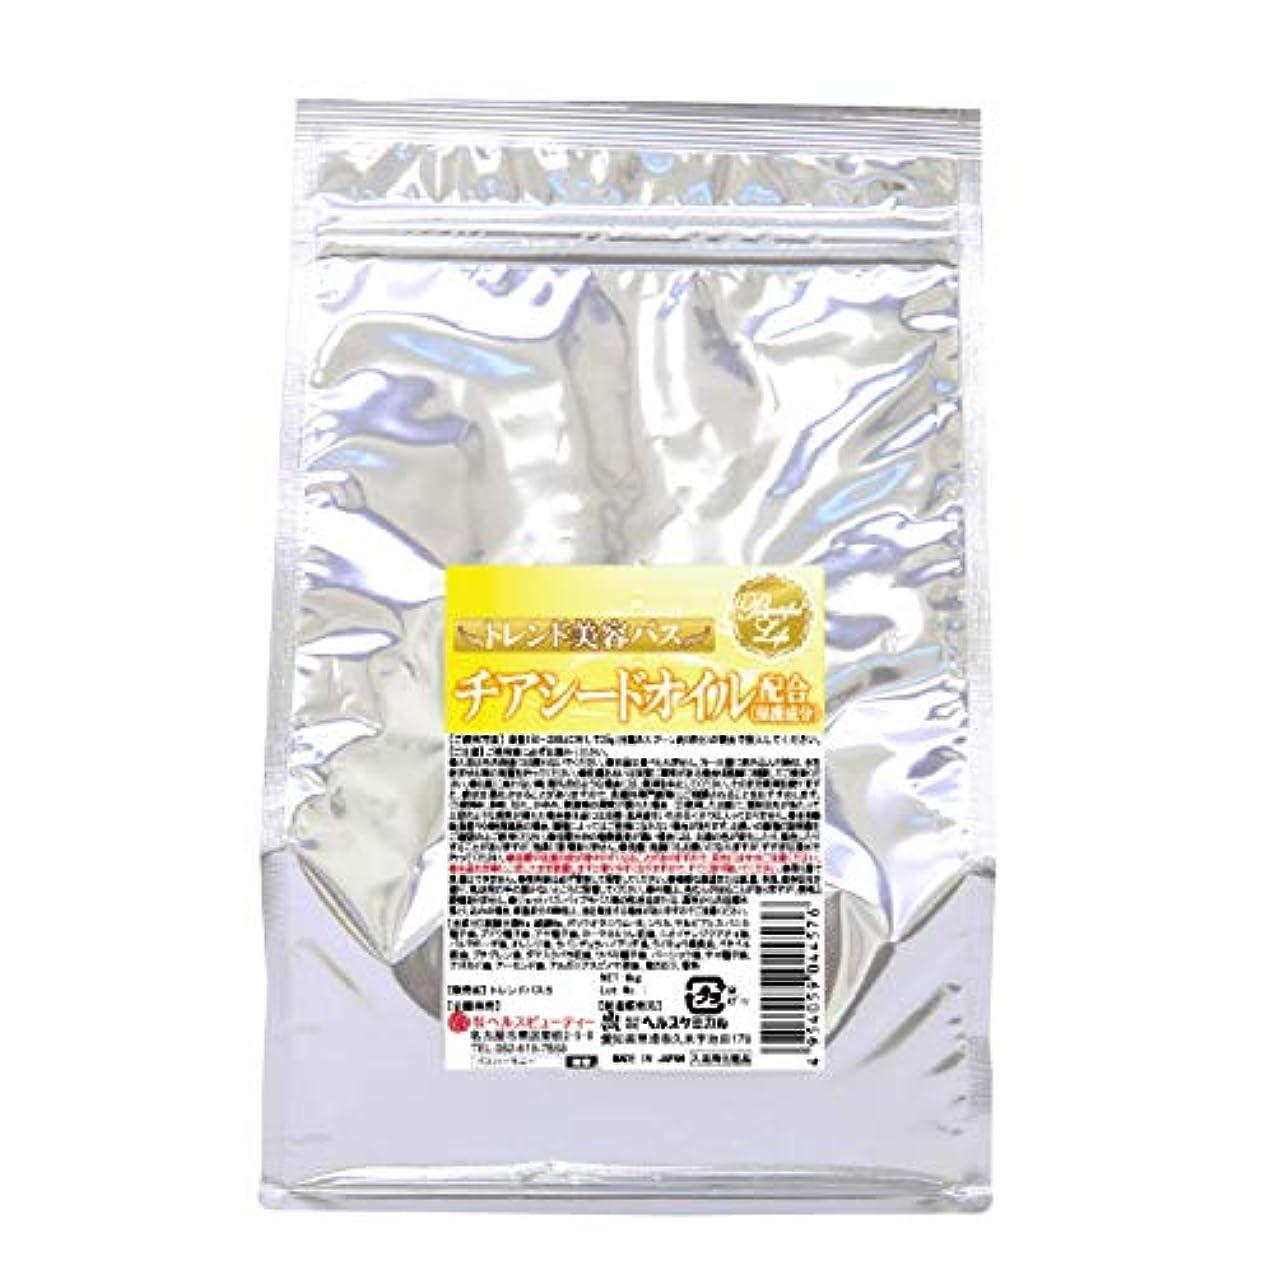 クリーム飾り羽毎日入浴剤 湯匠仕込 チアシードオイル配合 1kg 50回分 お徳用